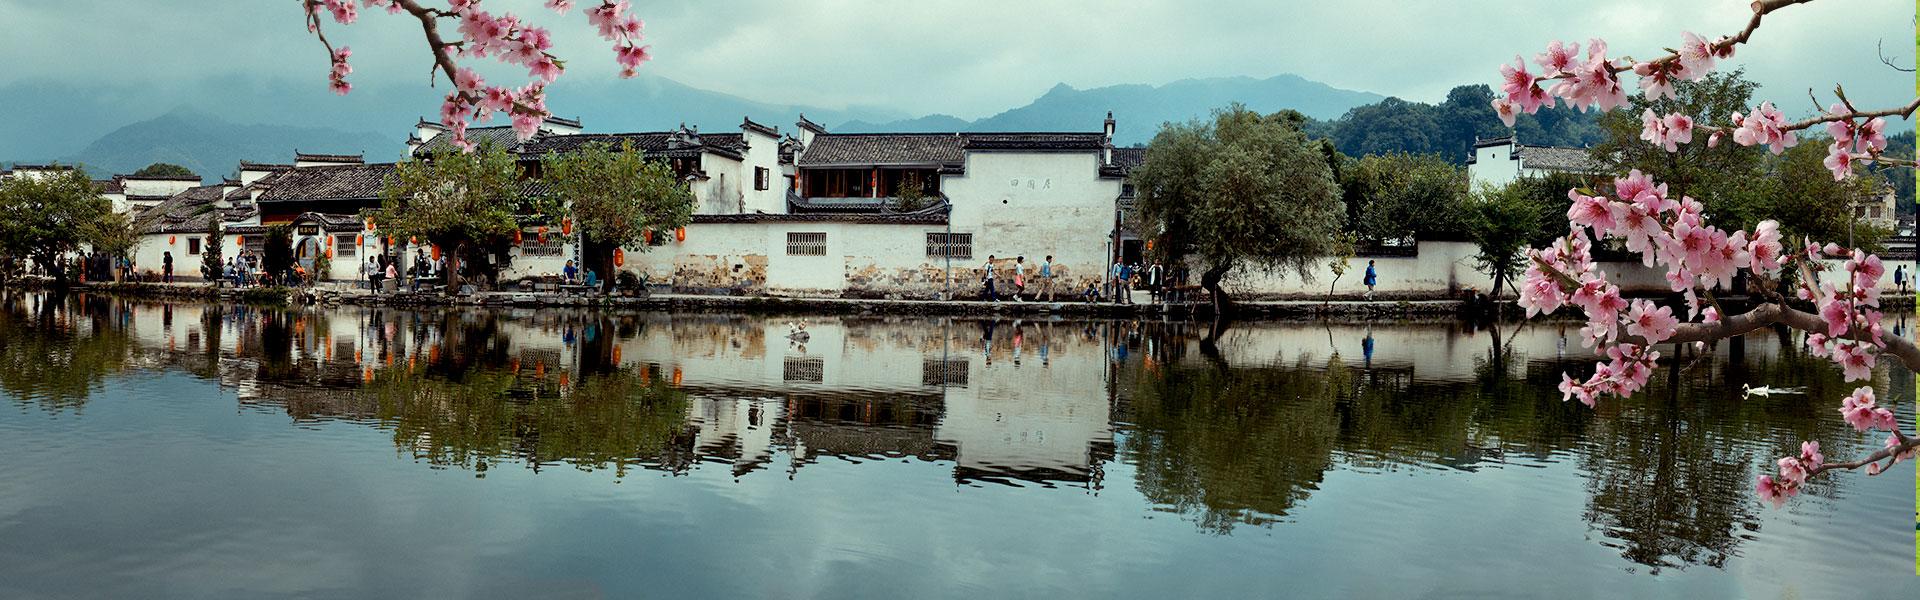 Enjoy the Awakening of Spring in Jiangnan